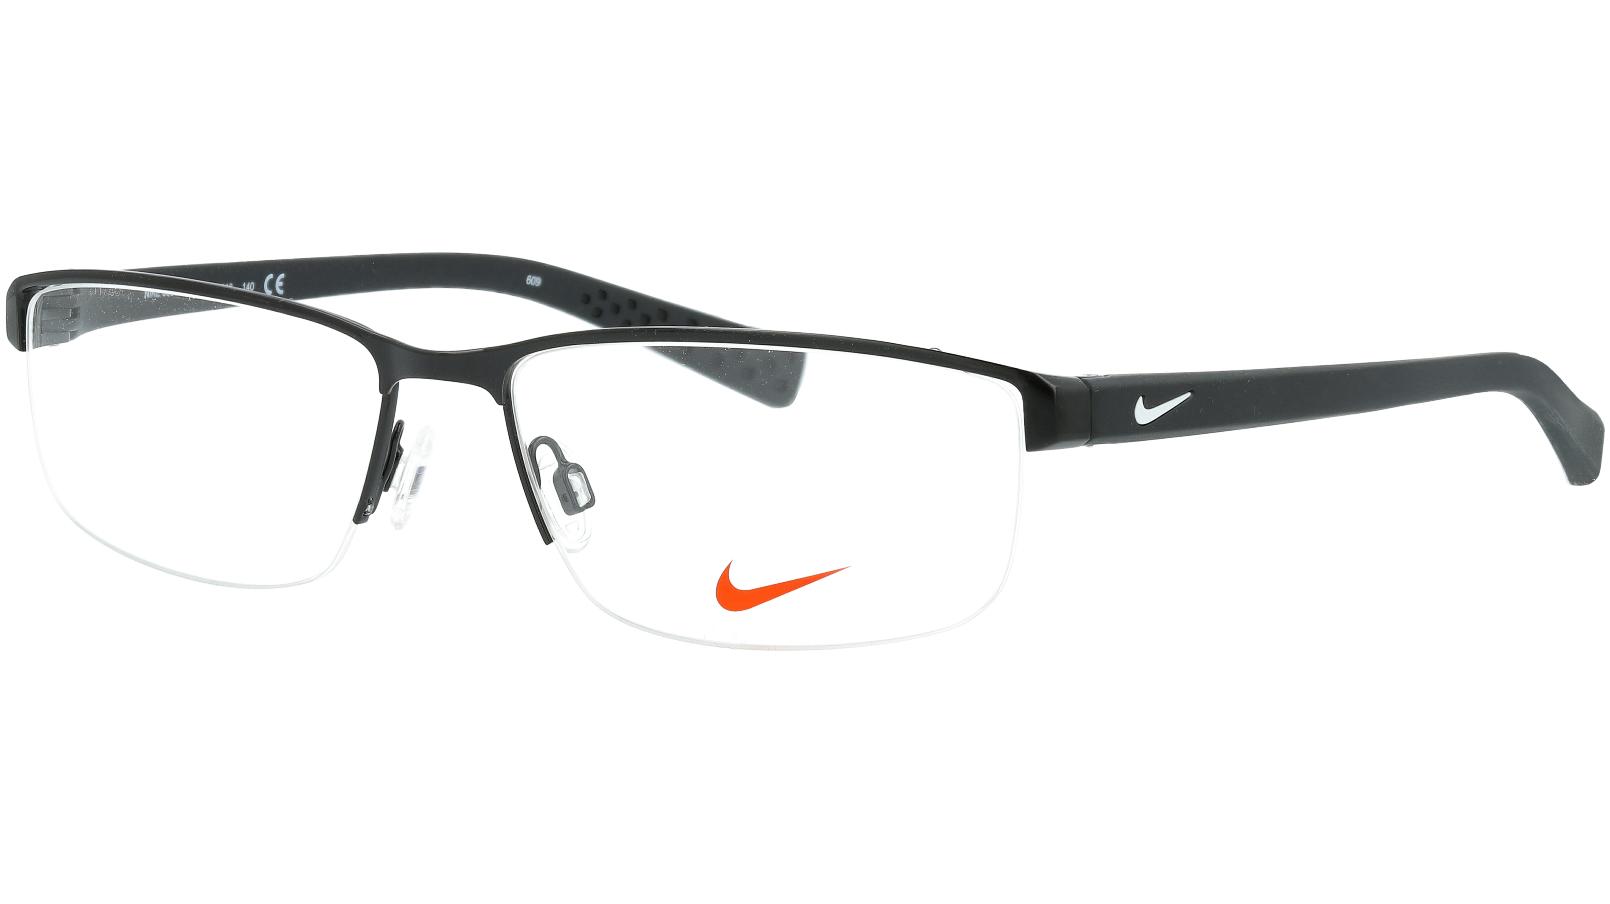 NIKE NIKE8098 010 56 BLACK Glasses